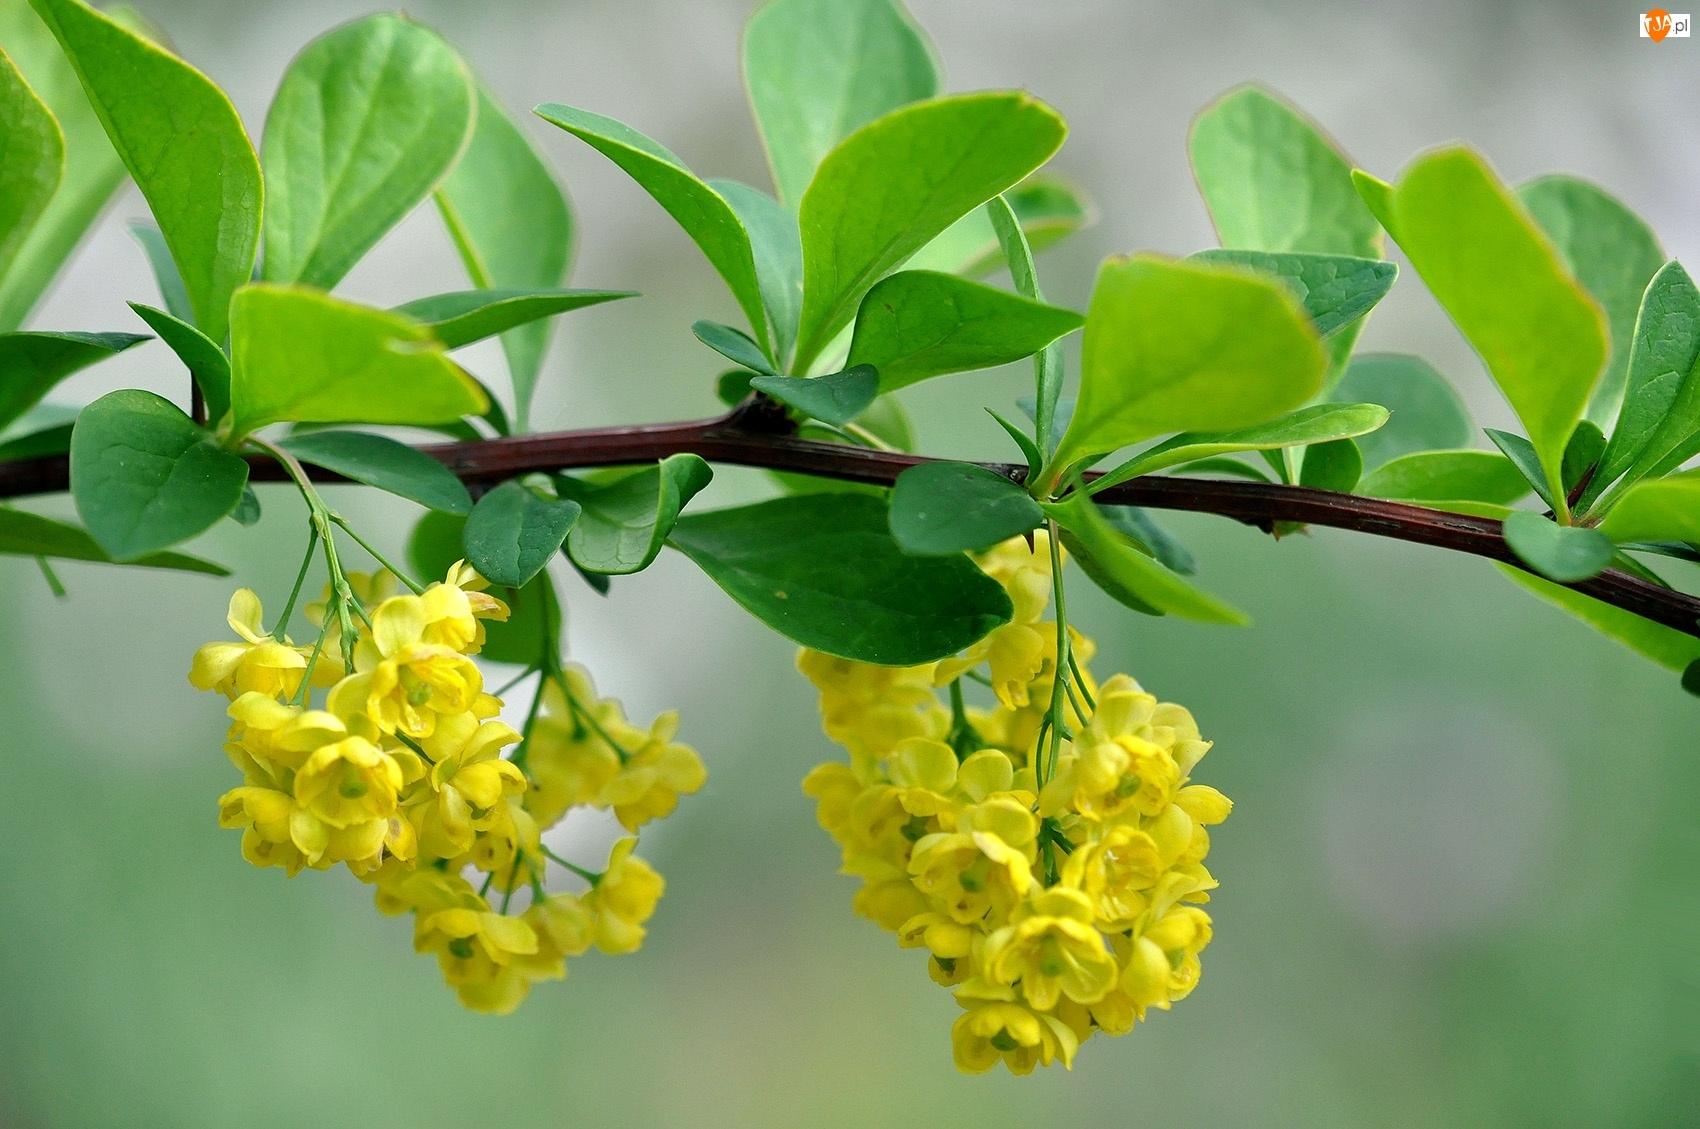 Gałązka, Kwiatki, Krzewu, Żółte